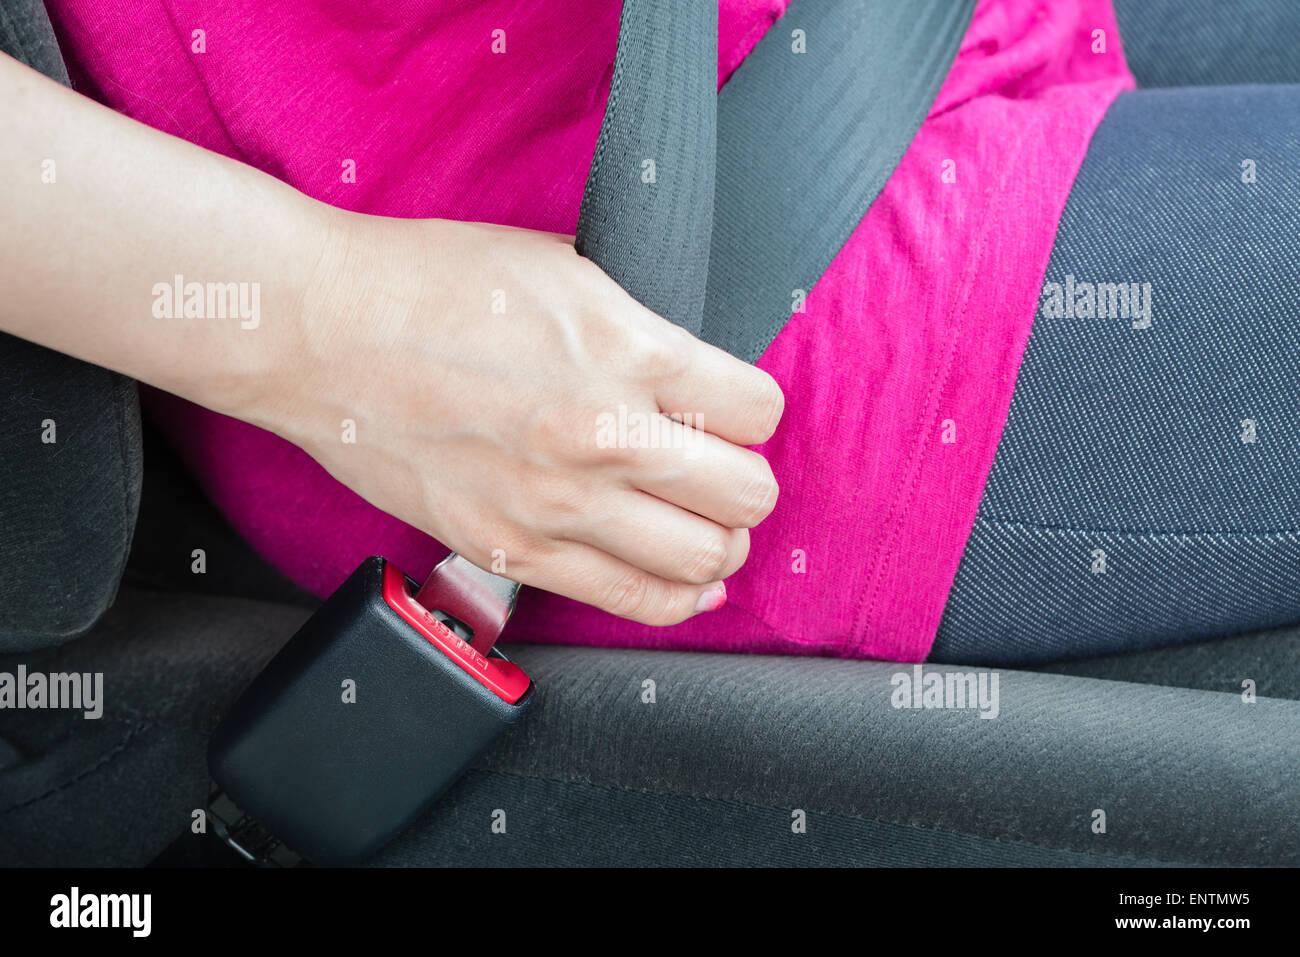 A girl wearing a pink shirt buckling a seatbelt Stock Photo